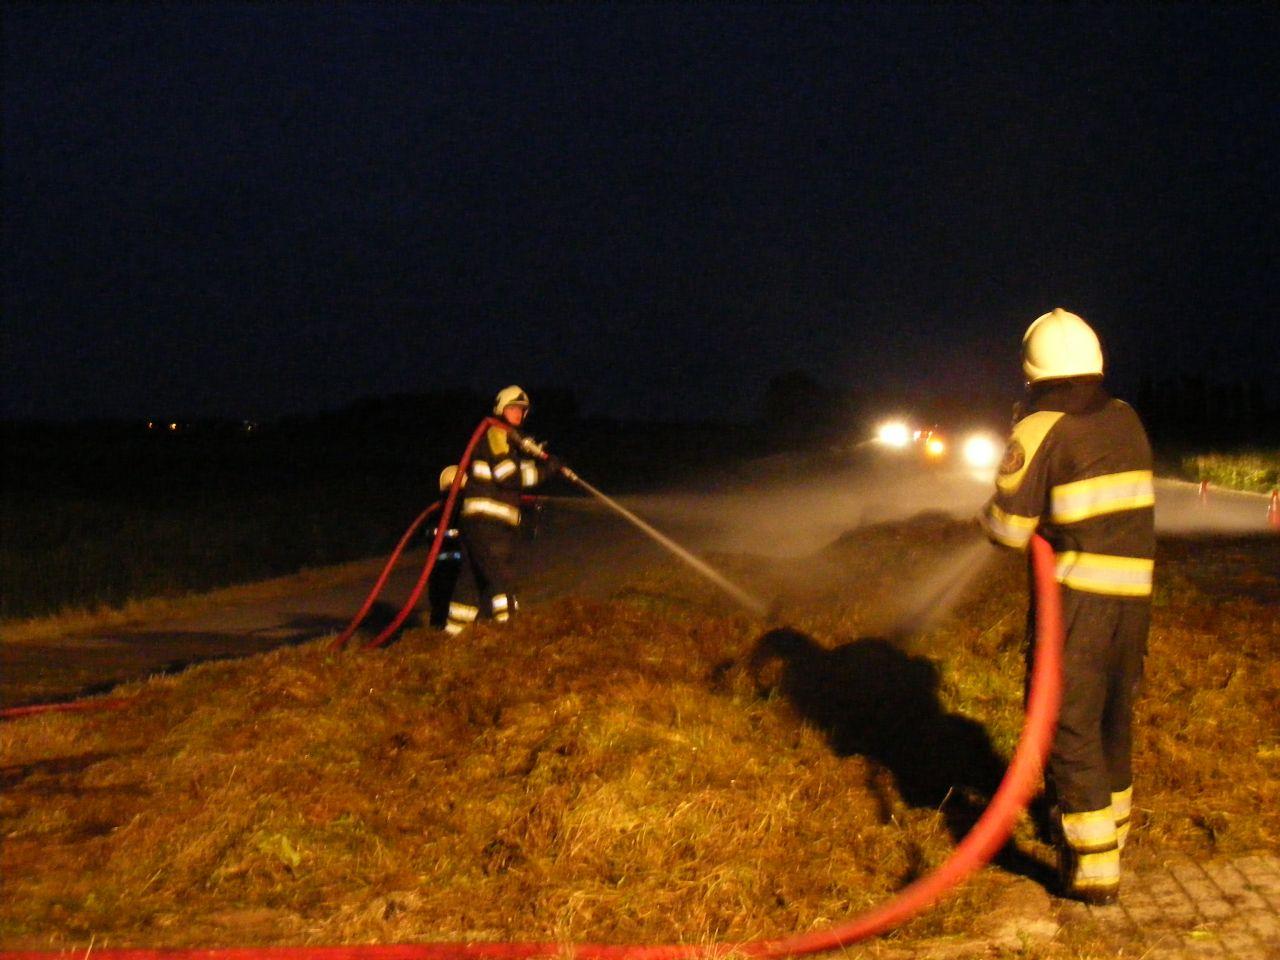 Buitenbrand door hooibroei in Exmorra